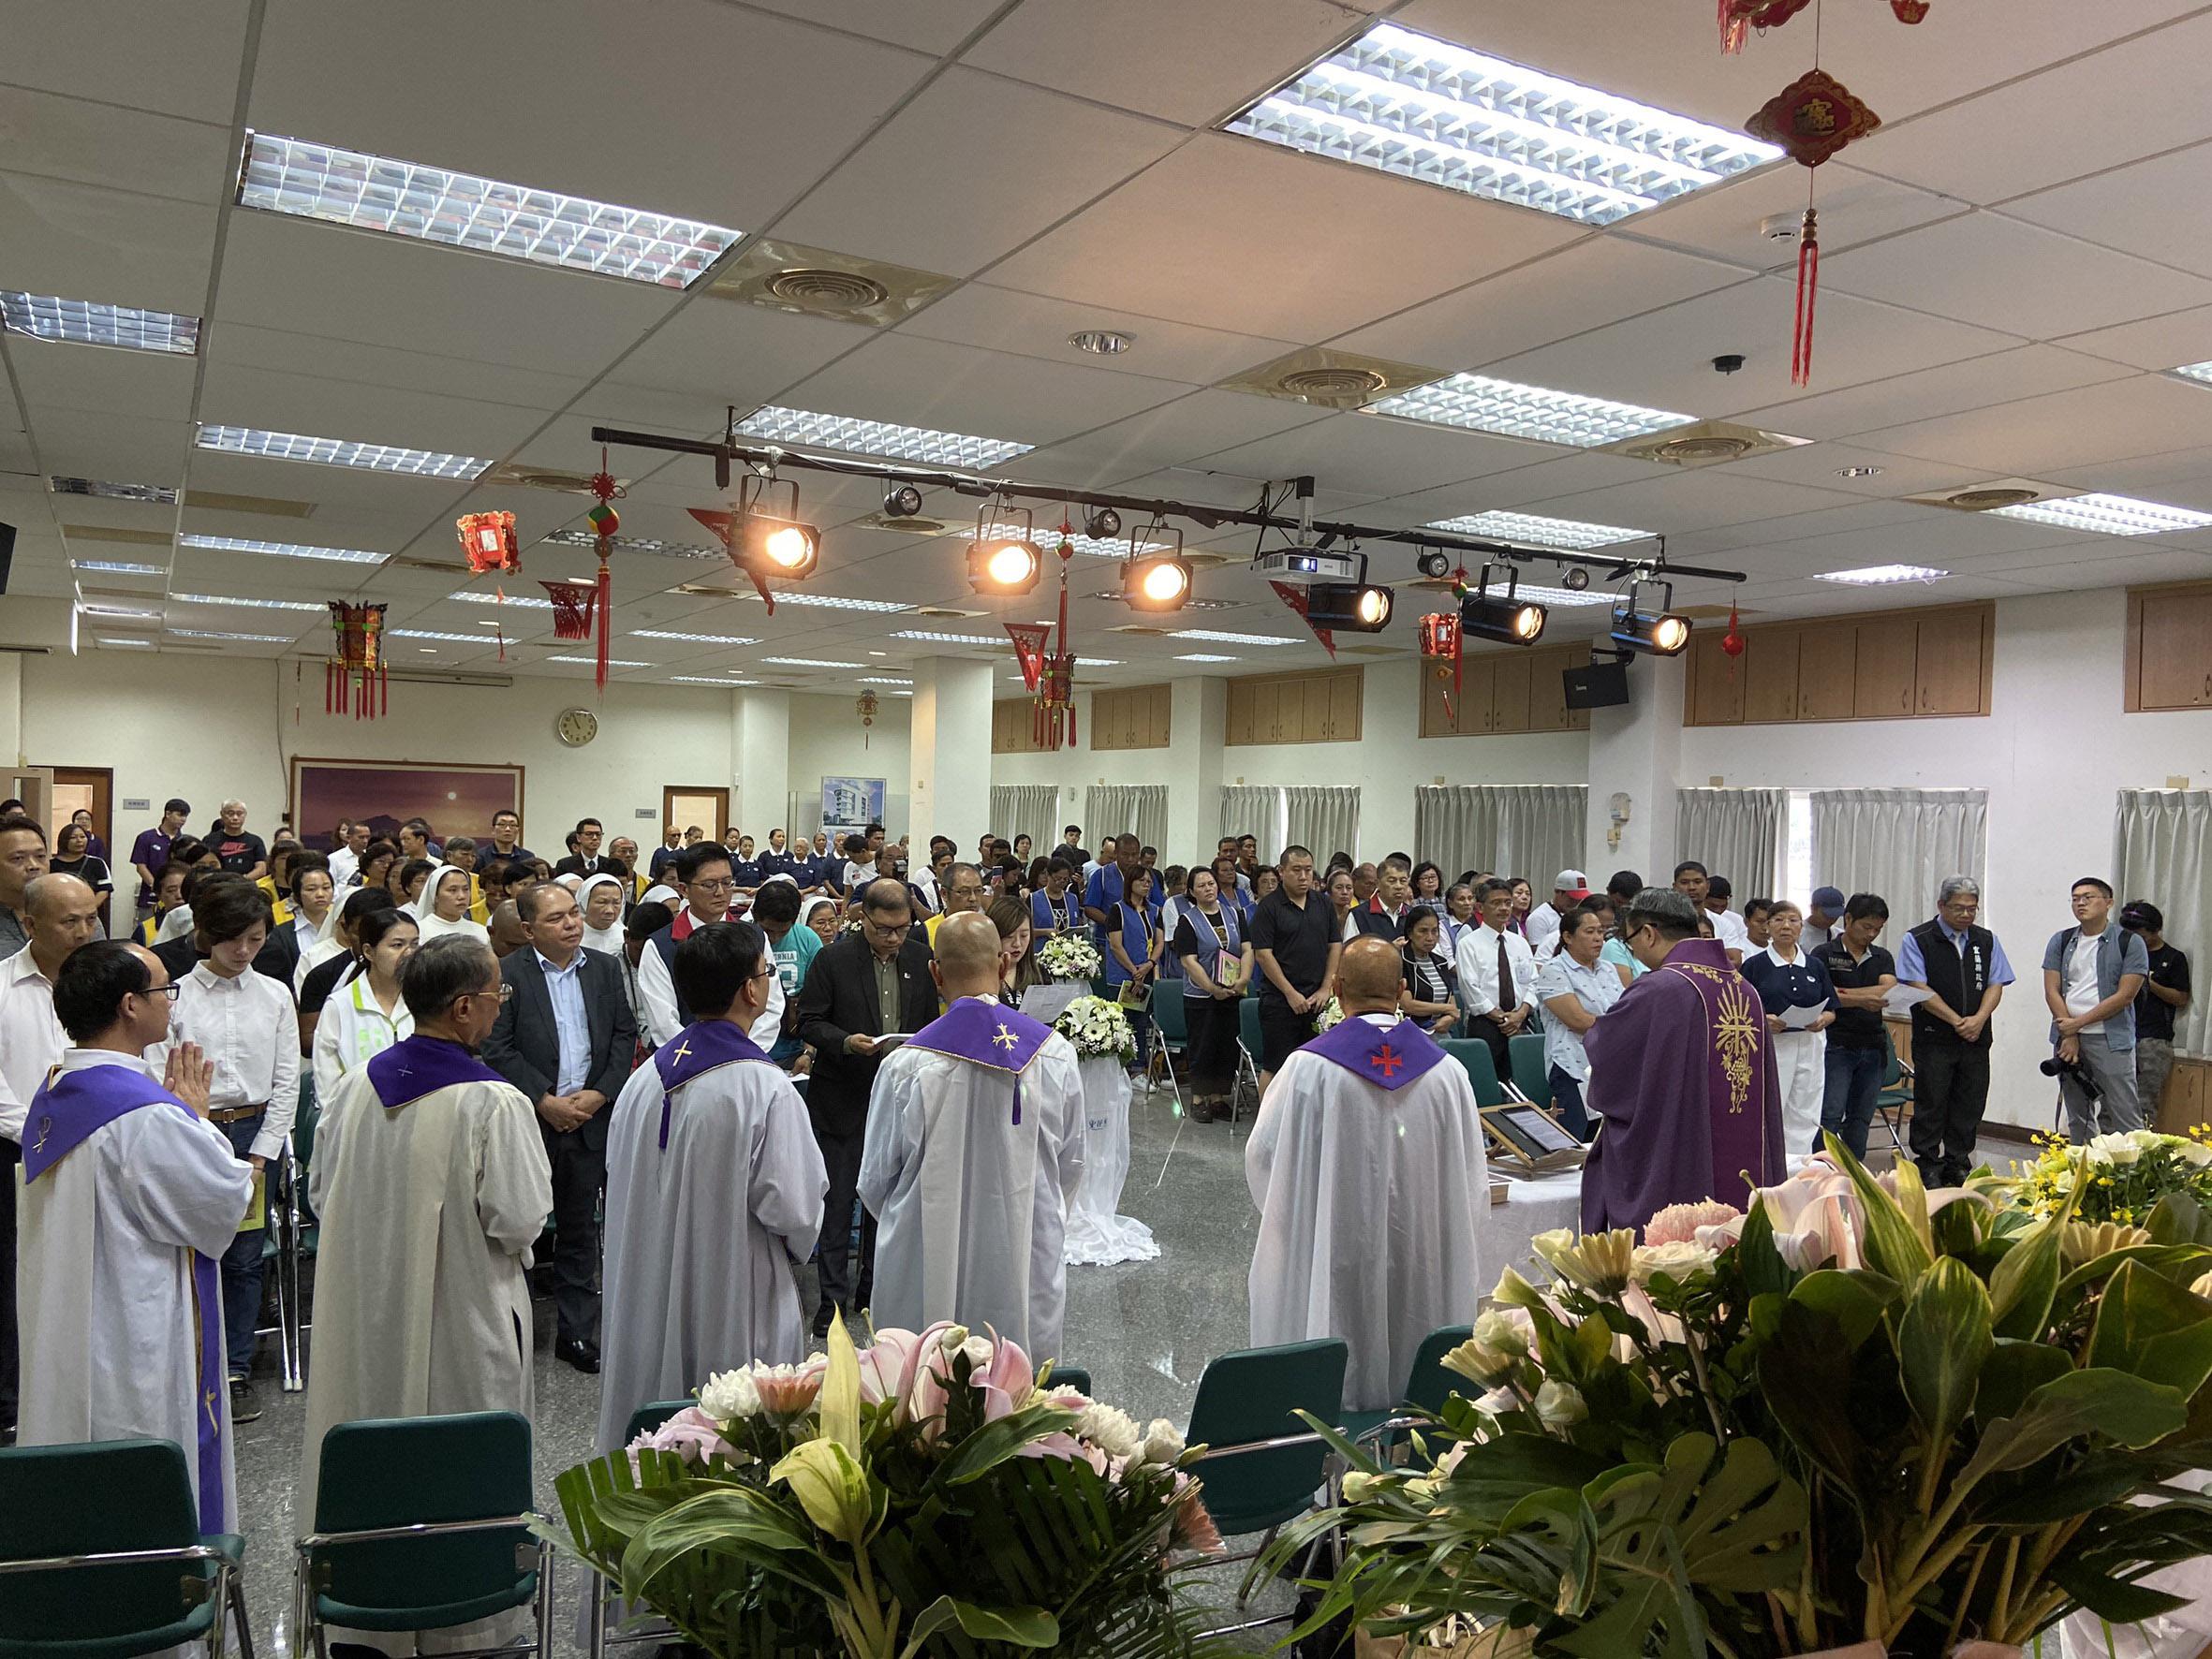 10月8日上午在蘇澳區漁會的彌撒心安活動,天主教神父與修女、慈濟志工等人齊聚一堂祝福。(攝影:洪妙卿)